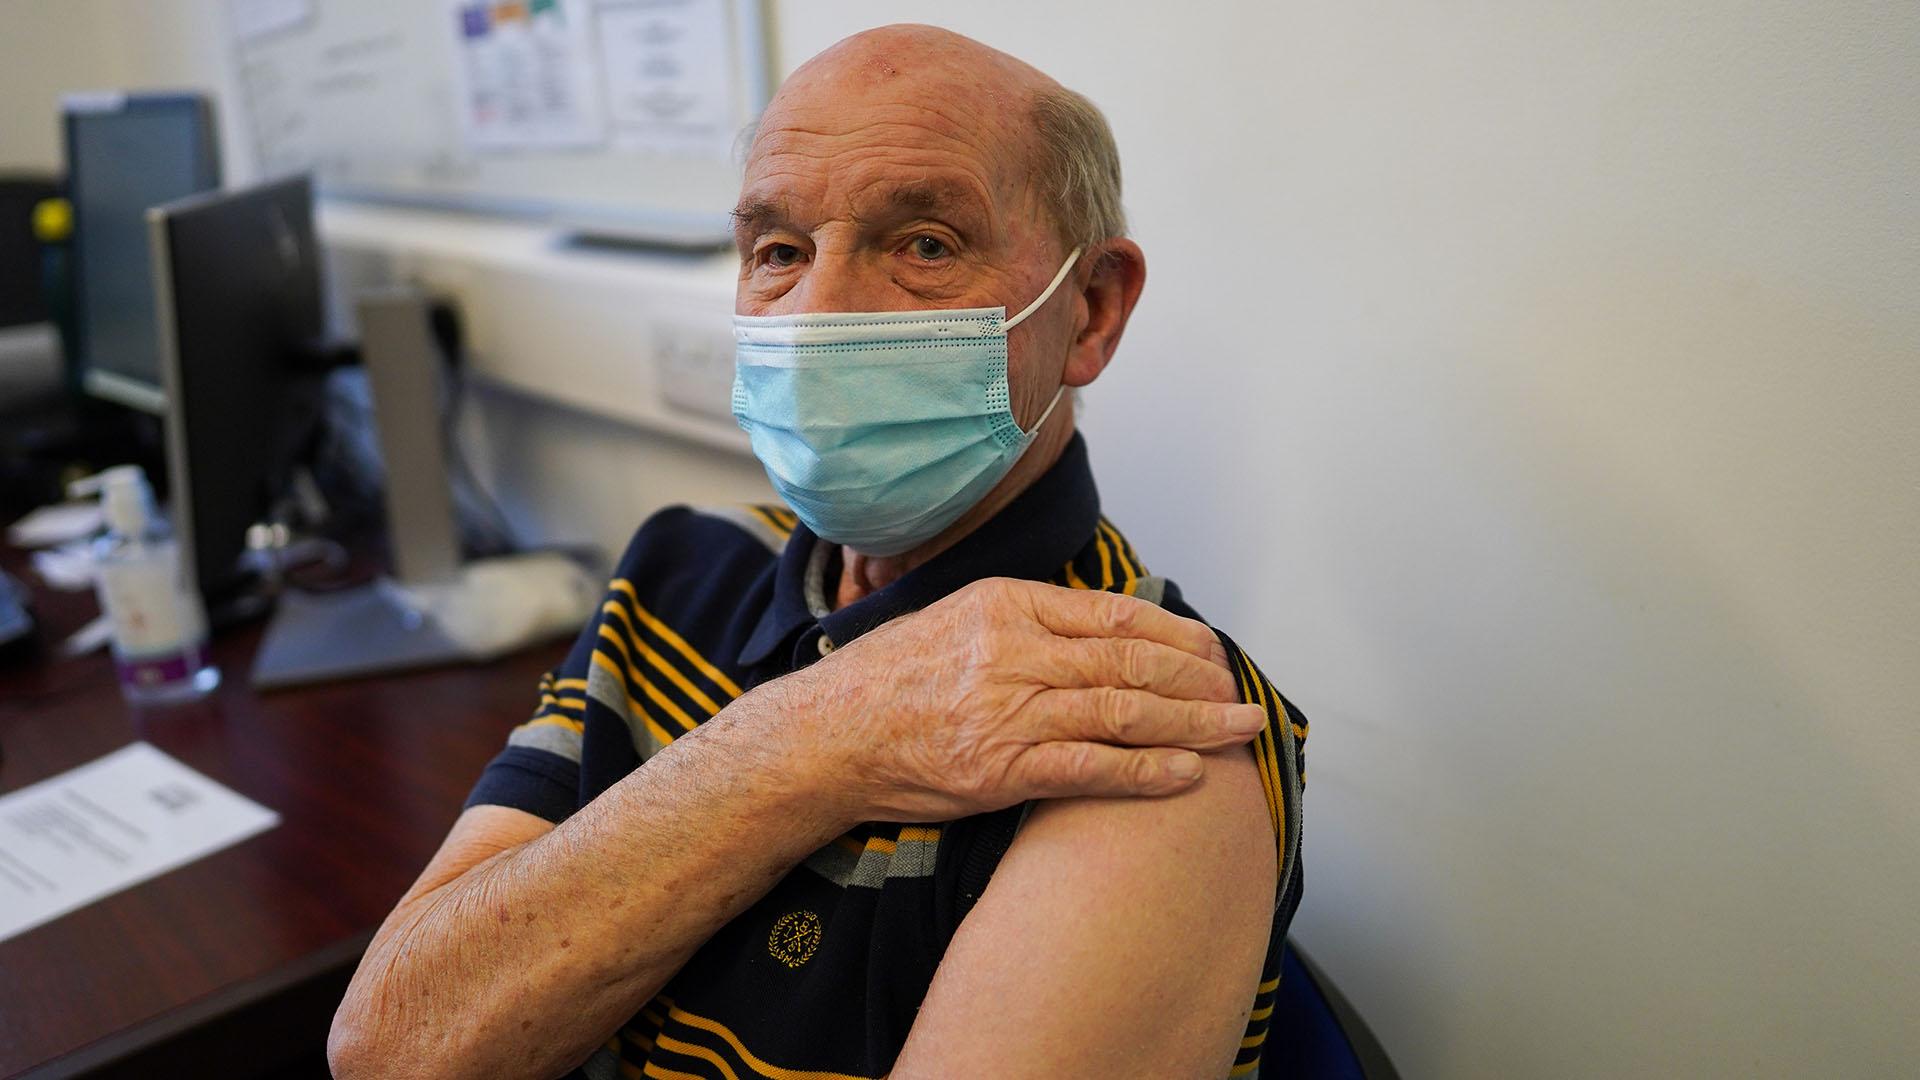 Több országban Pfizert kapnak harmadik dózisnak a kínai vakcinával oltottak